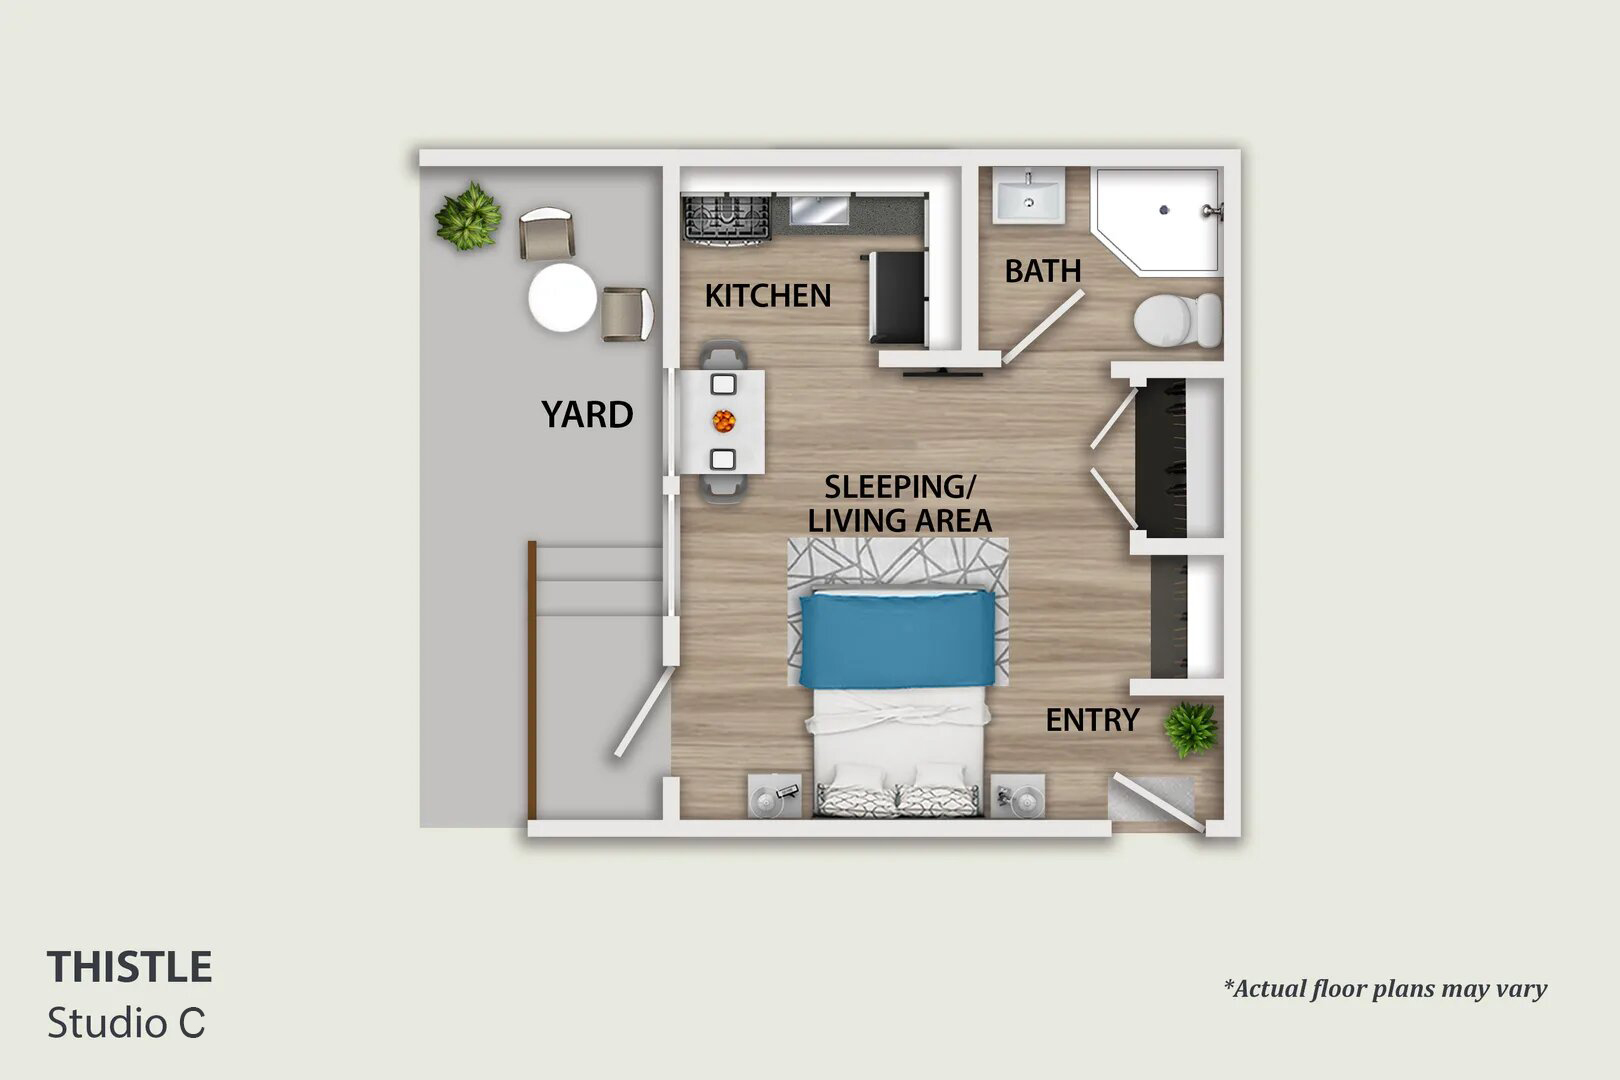 pasadena studio apartment layout C